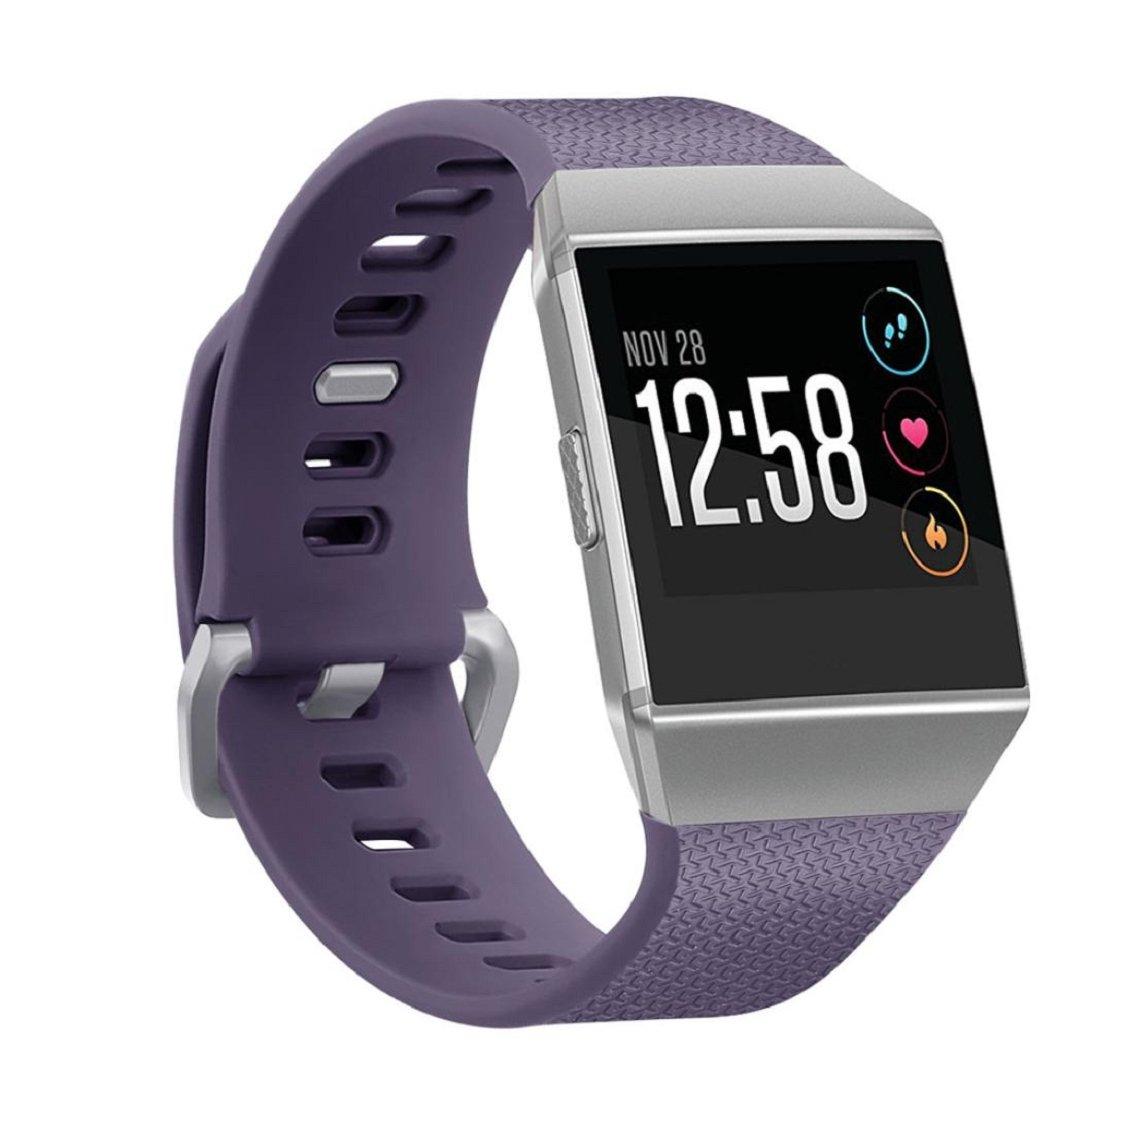 For Fitbit Ionic Watchバンド、vovomayソフトシリコン交換バンドスポーツフィットネスリストバンドファッションストラップfor Fitbit Ionic Smartwatch、スモール  パープル B076CKK8VW